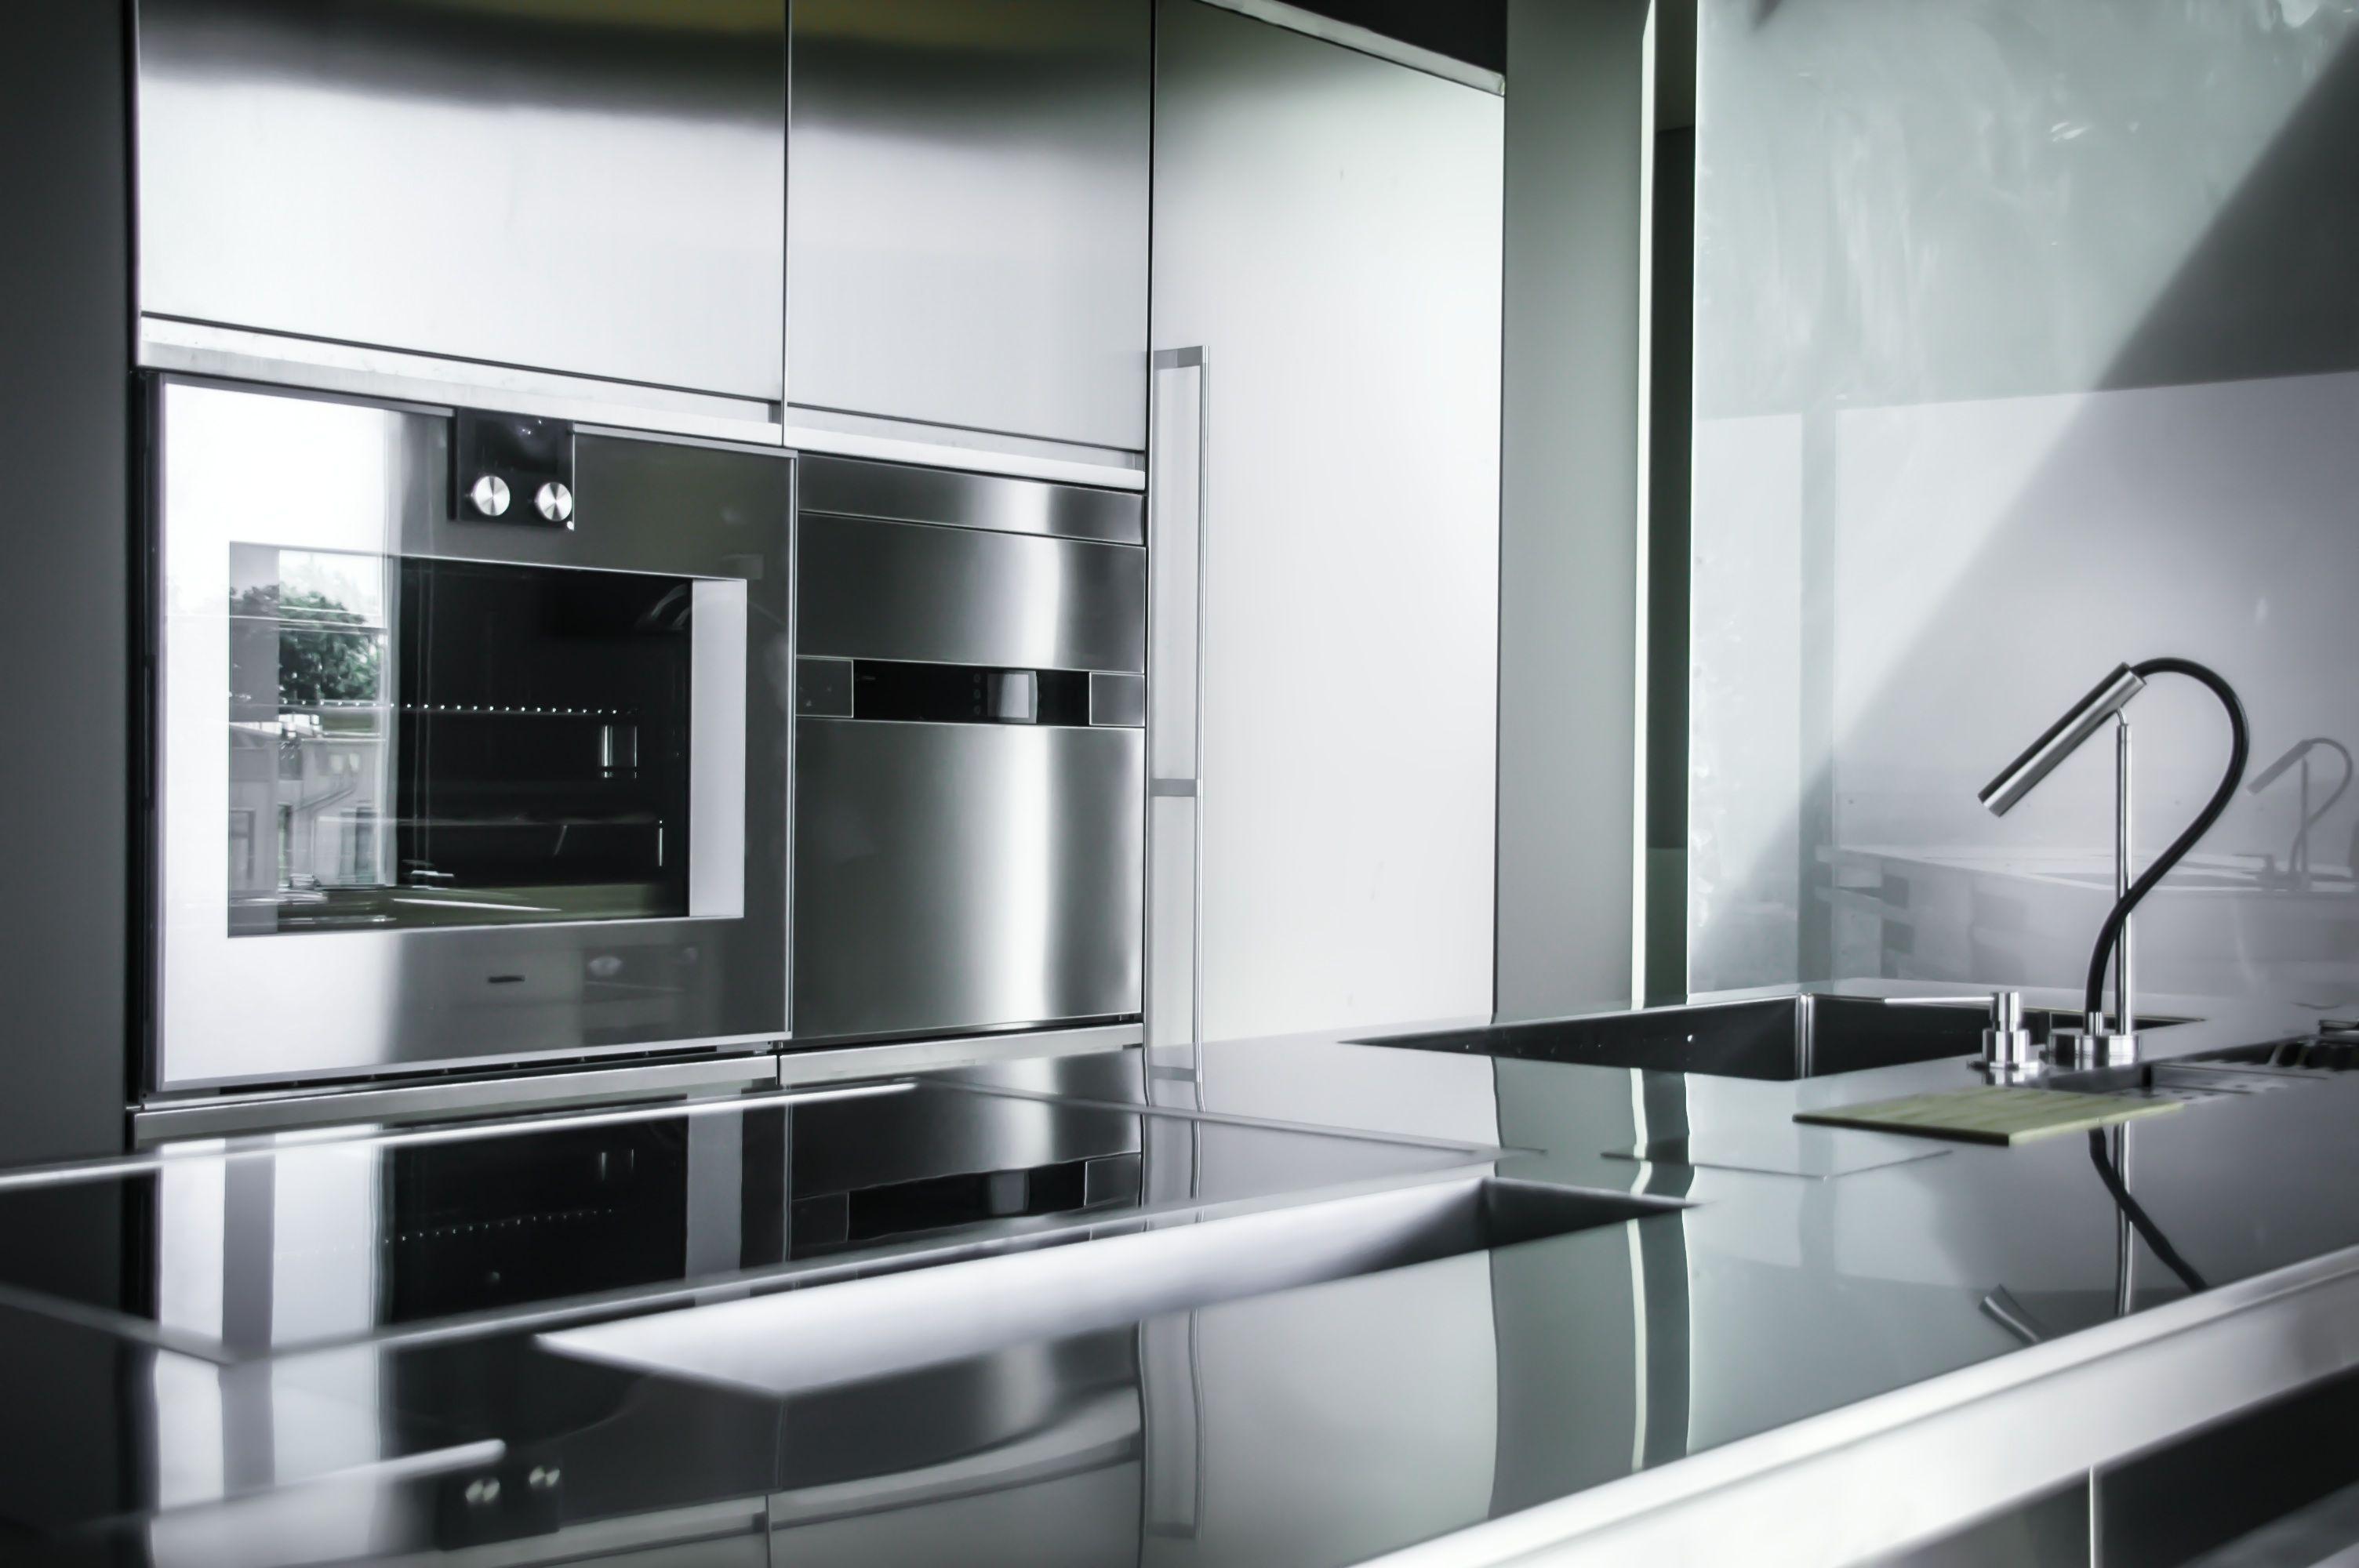 Mobili Cucina Professionale Acciaio.Monolit 90 Hand Brushed Cucine Xera Cucina